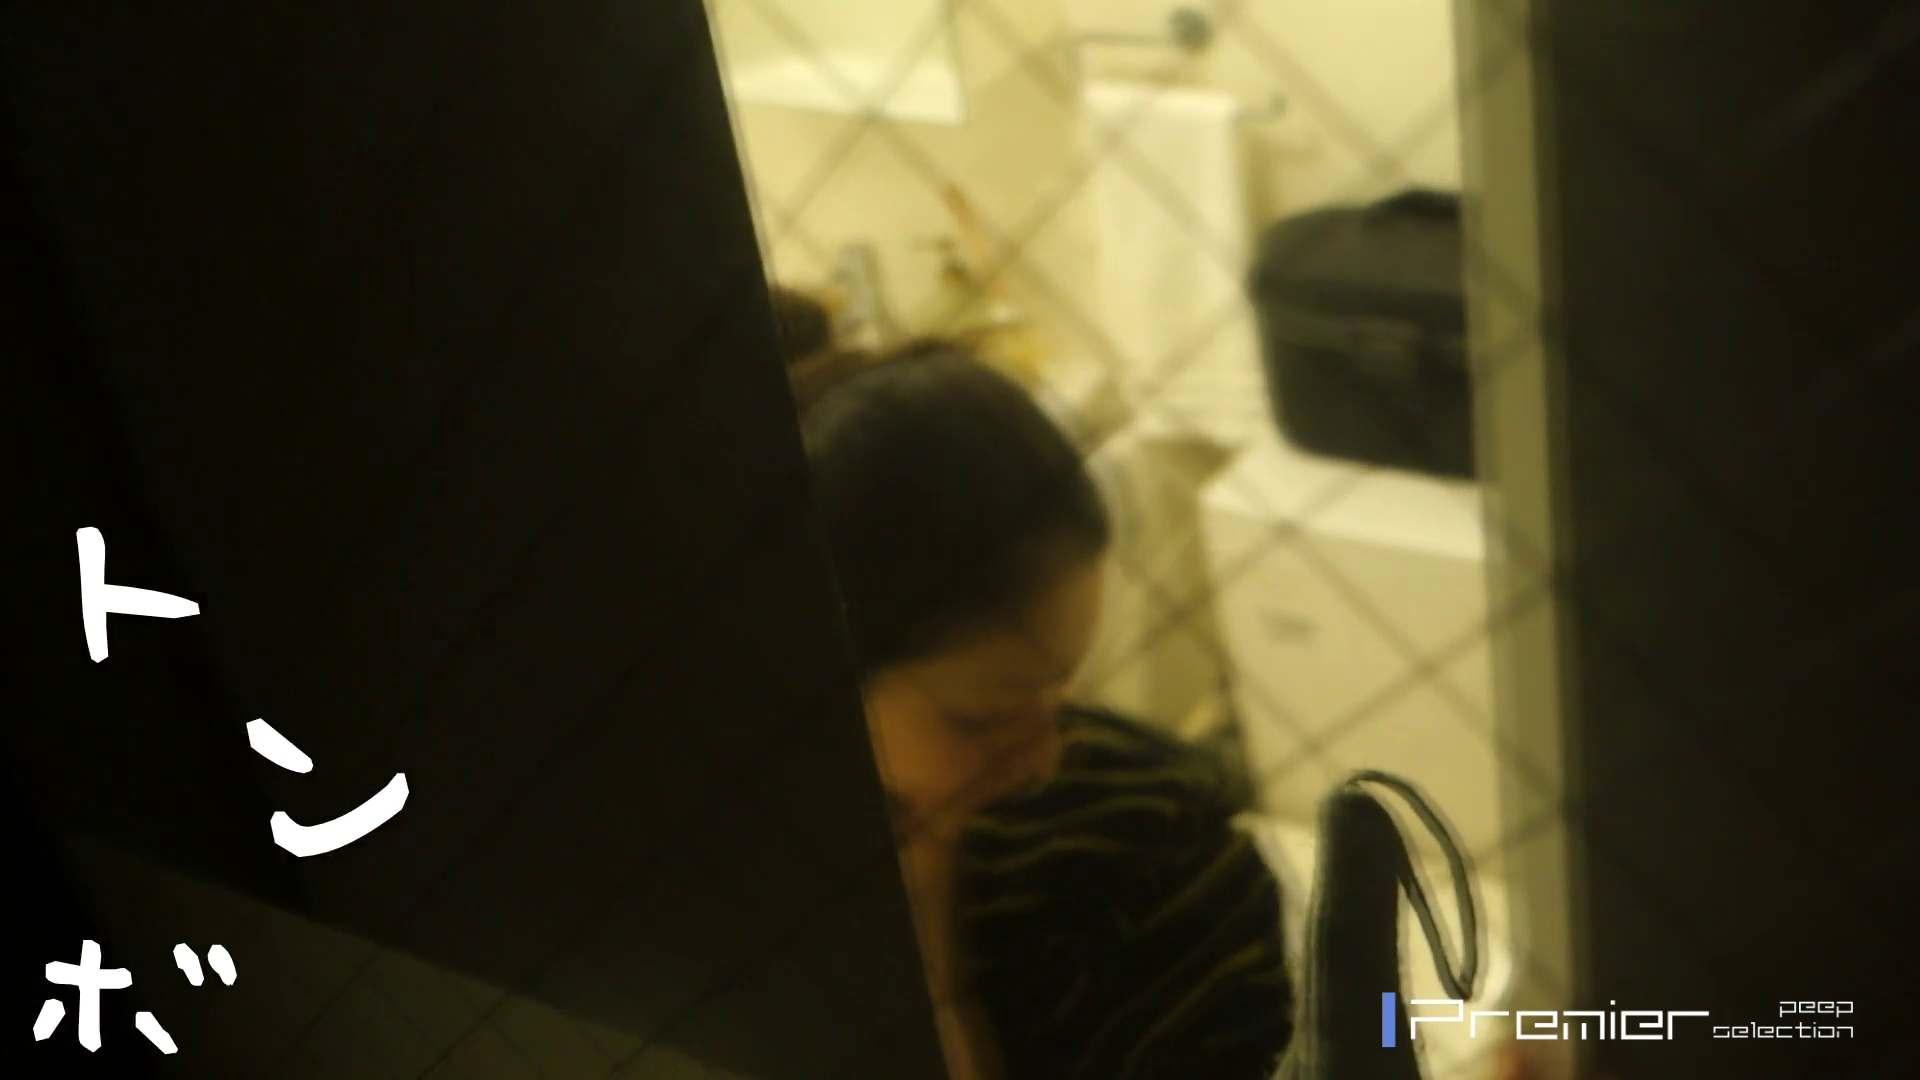 美女達の私生活に潜入!必見!超美形OLの風呂上がり&プライベート 美女 盗撮オマンコ無修正動画無料 99pic 92